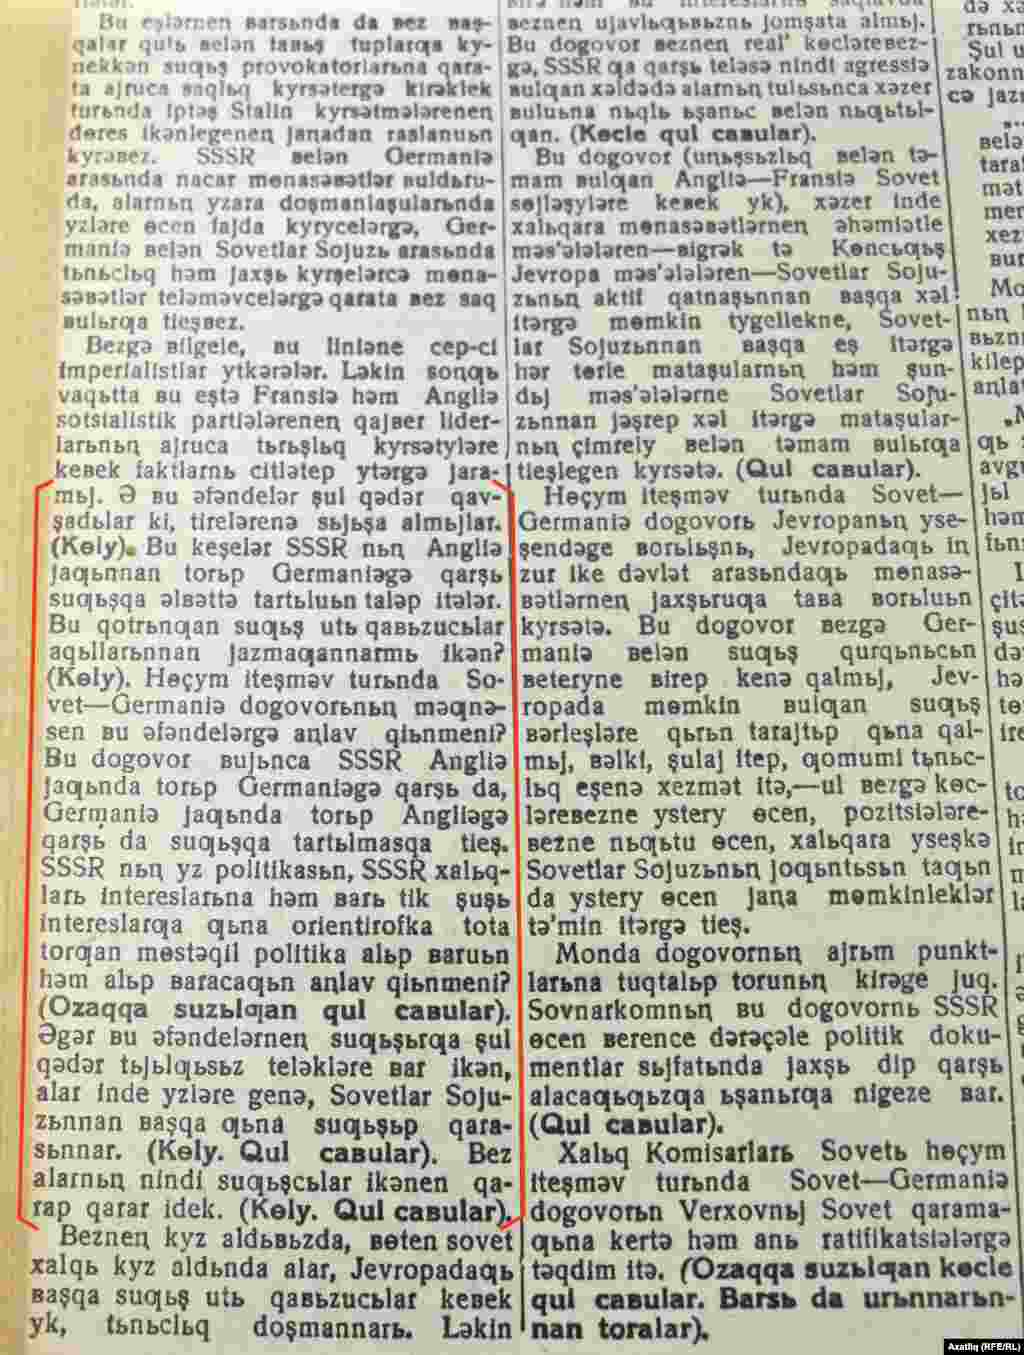 """Совет берлеген Һитлерга каршы тизрәк бергәләп чаралар күрергә чакыручылар турында исә Молотов алар """"акылларыннан язмаганнармы икән"""" ди. Молотовның фашистларга каршы Британия белән Франция үзләре генә сугышсын дигән сүзләре алкышларга күмелә."""